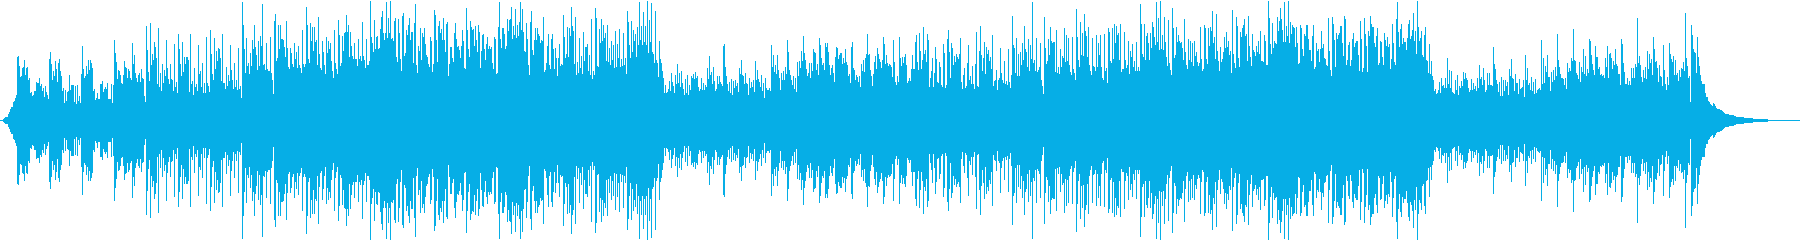 爽やか 前向き アコギBGMの再生済みの波形